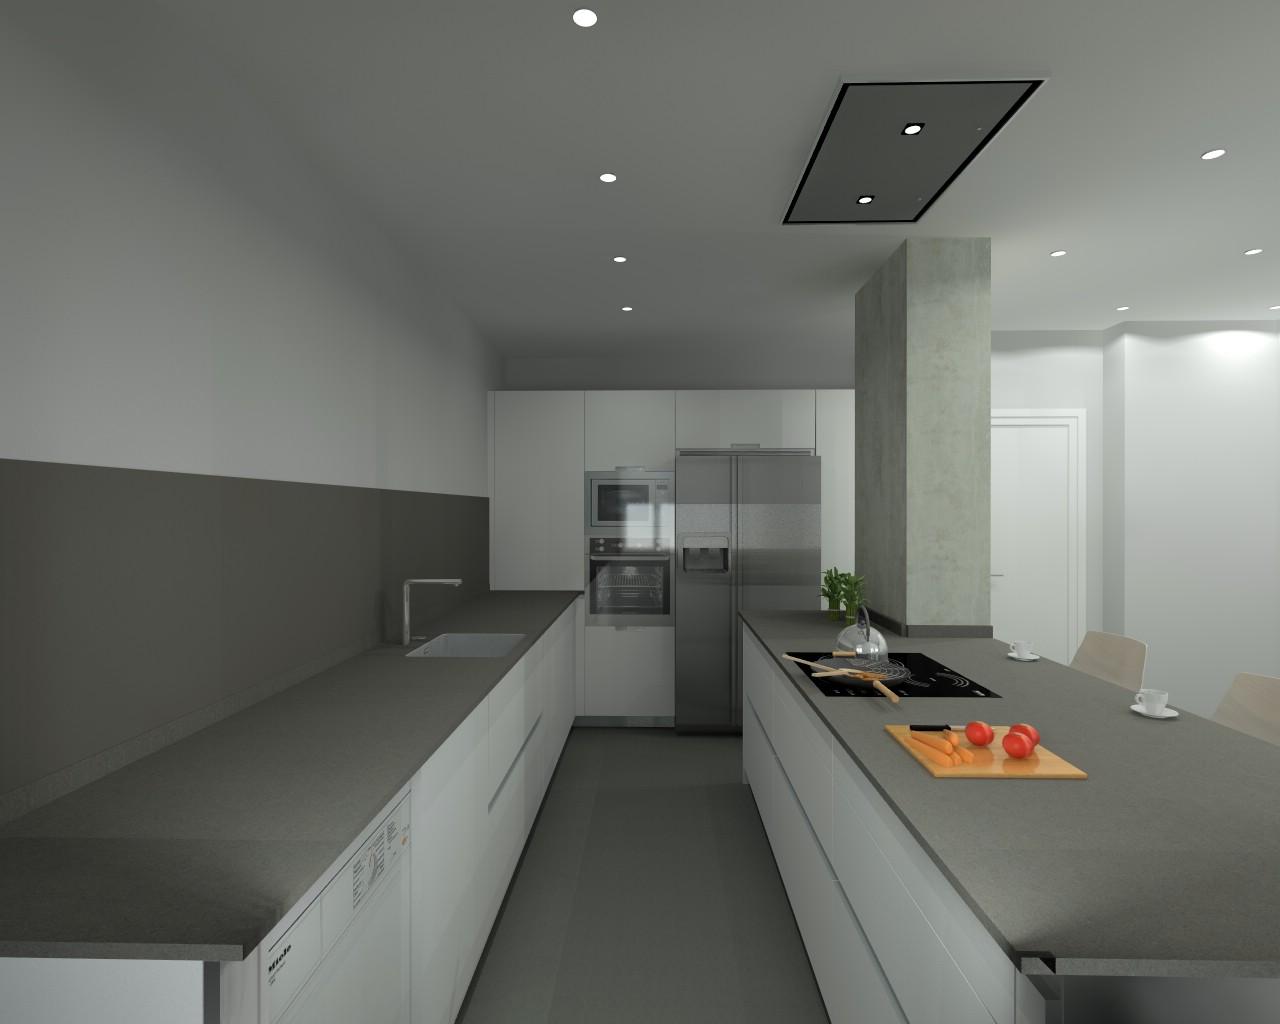 Proyecto de cocina santos en madrid modelo line l con for Proyectos de cocina